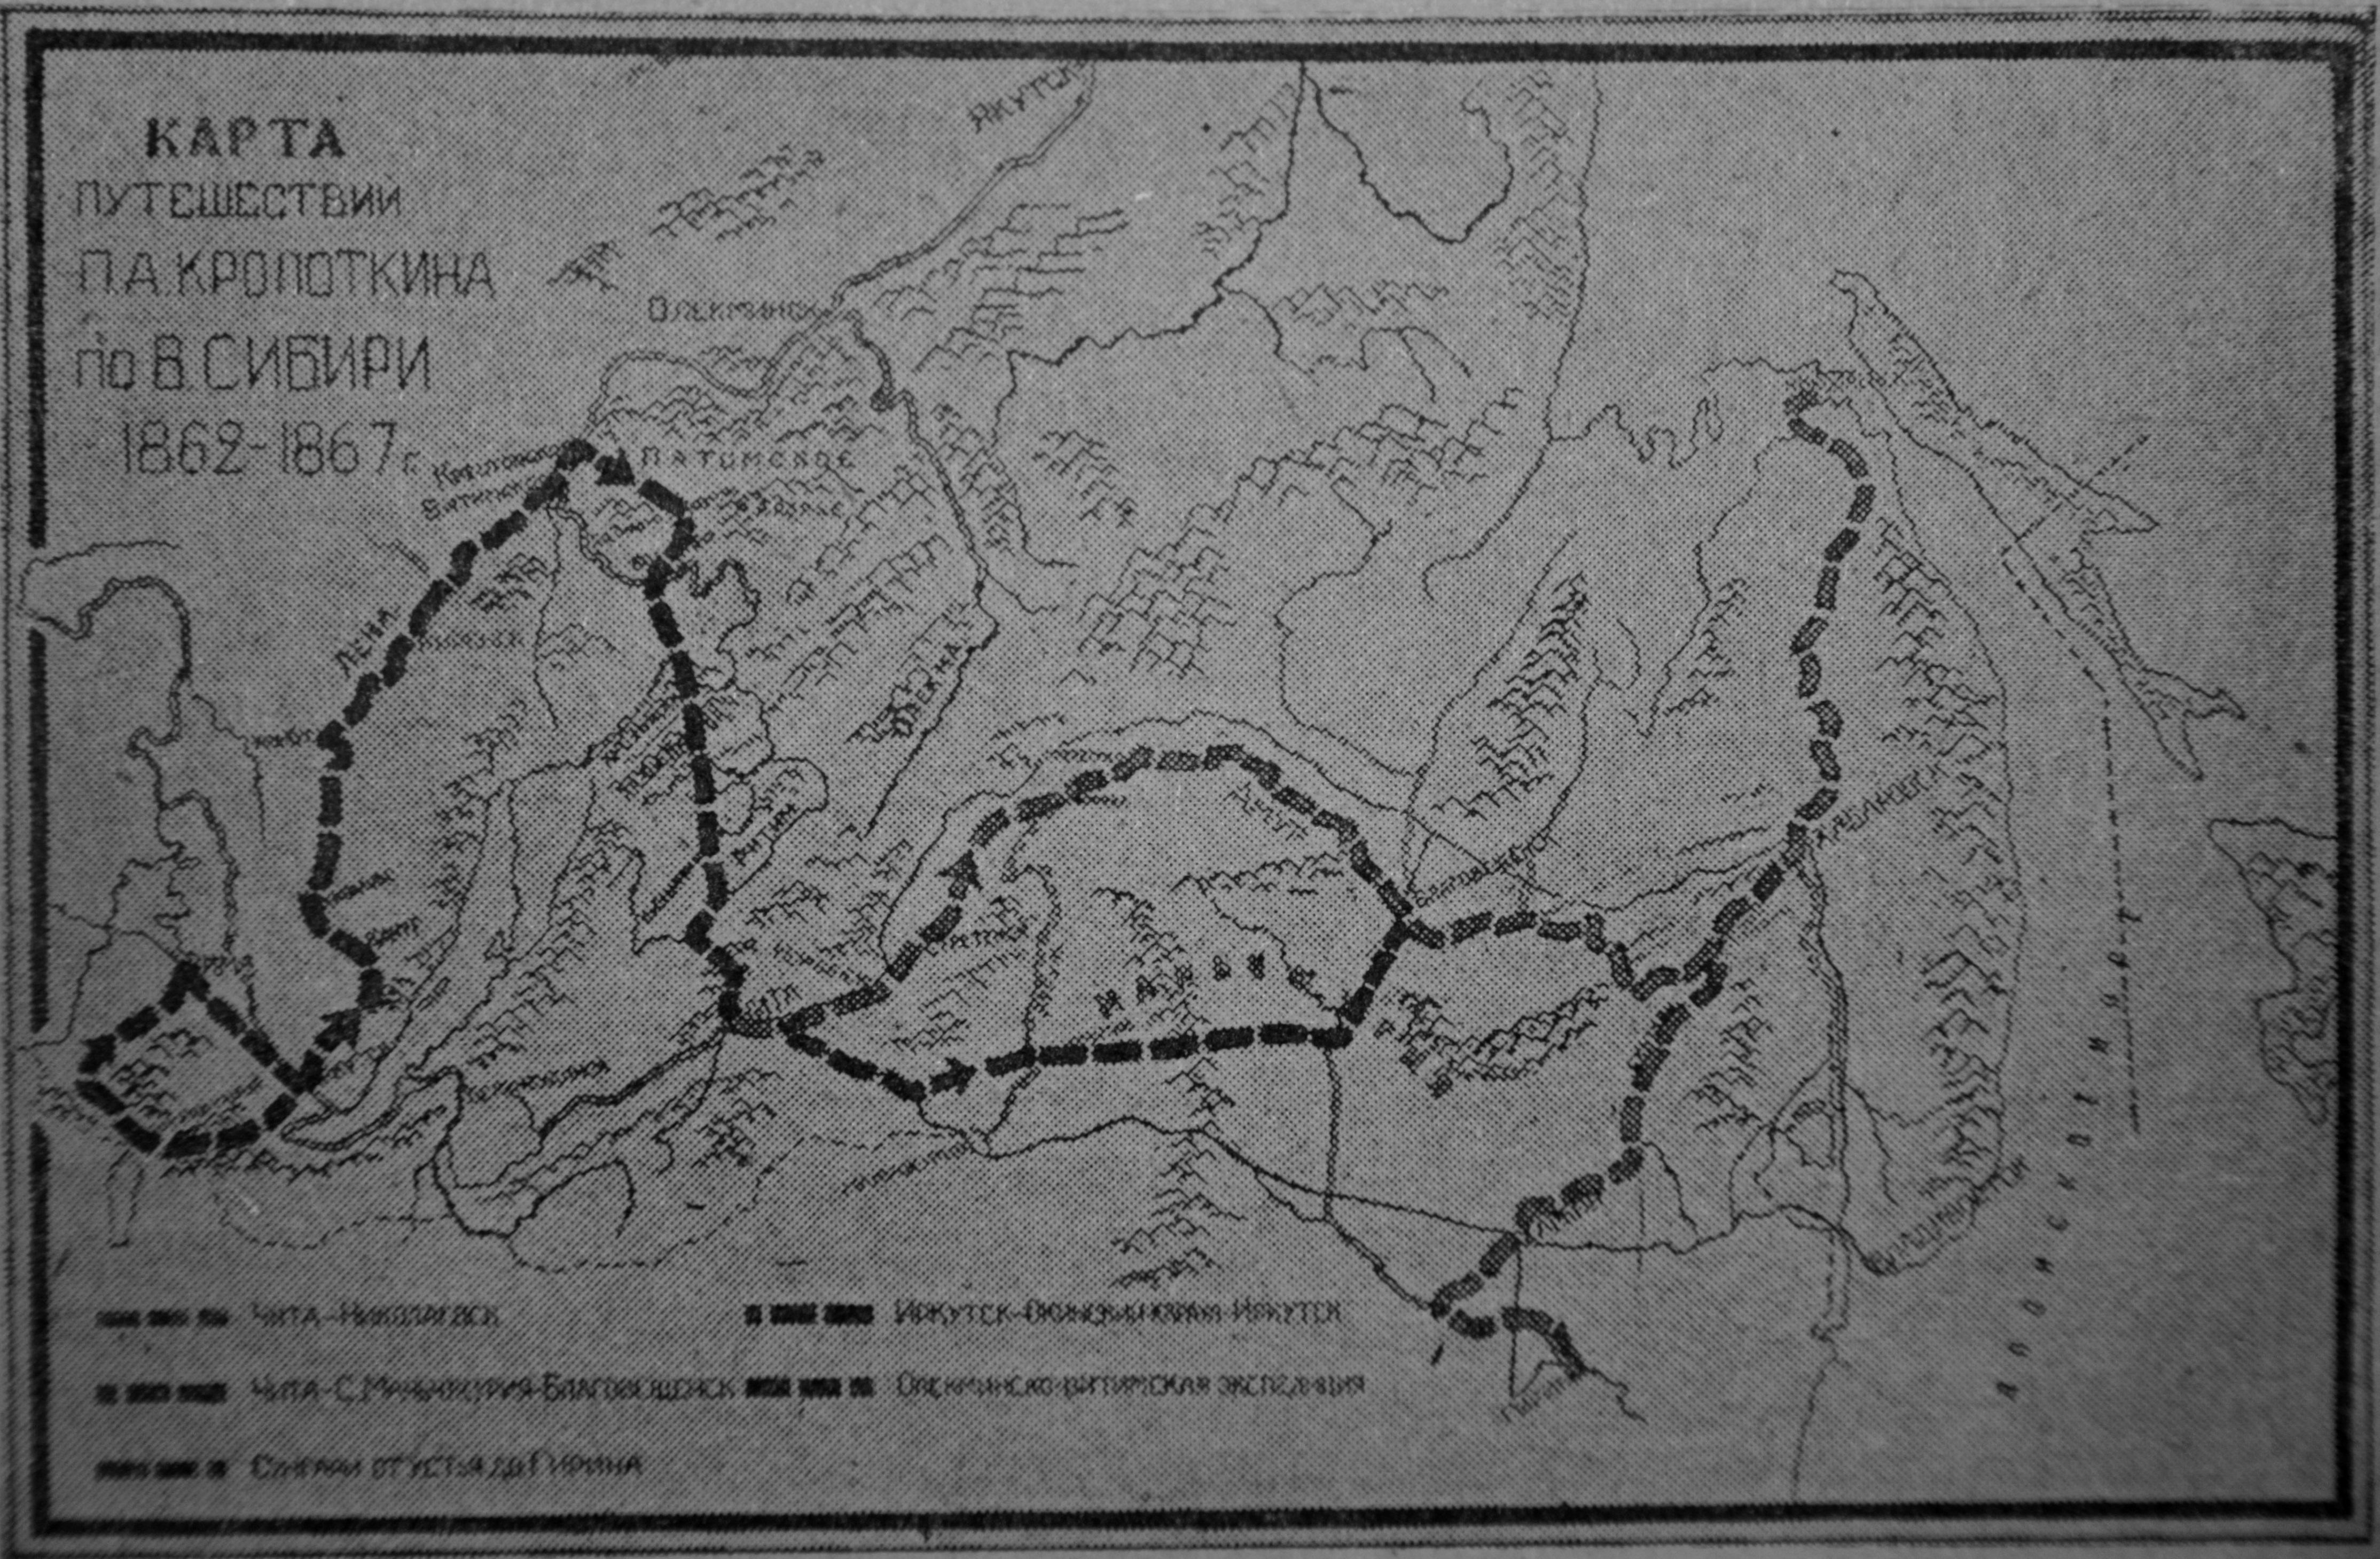 Карта путешествий П.А.Кропоткина по В.Сибири 1862-1867 г.